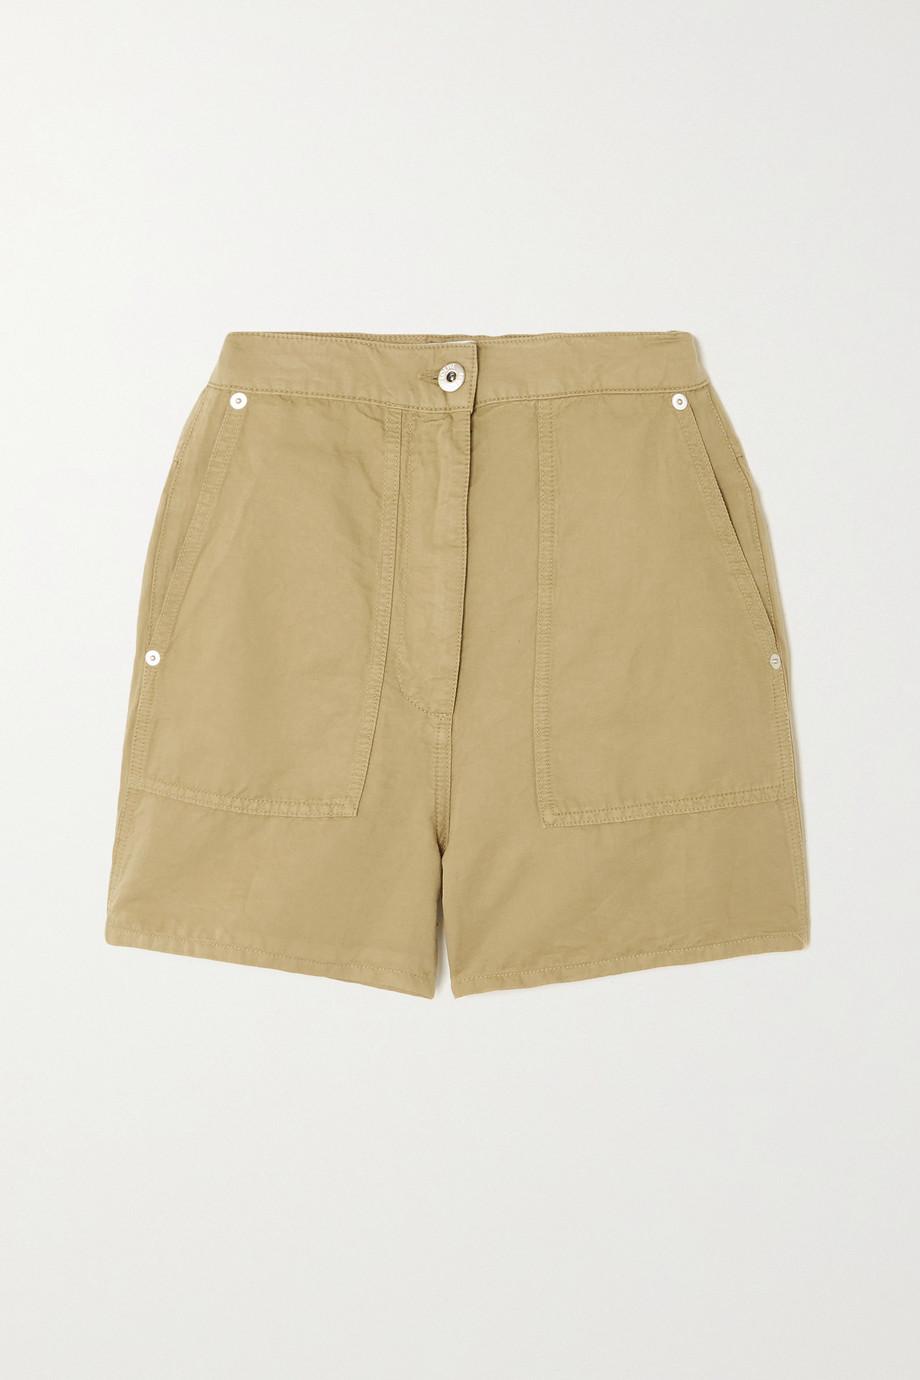 Loewe + Paula's Ibiza Shorts aus einer Leinen-Baumwollmischung